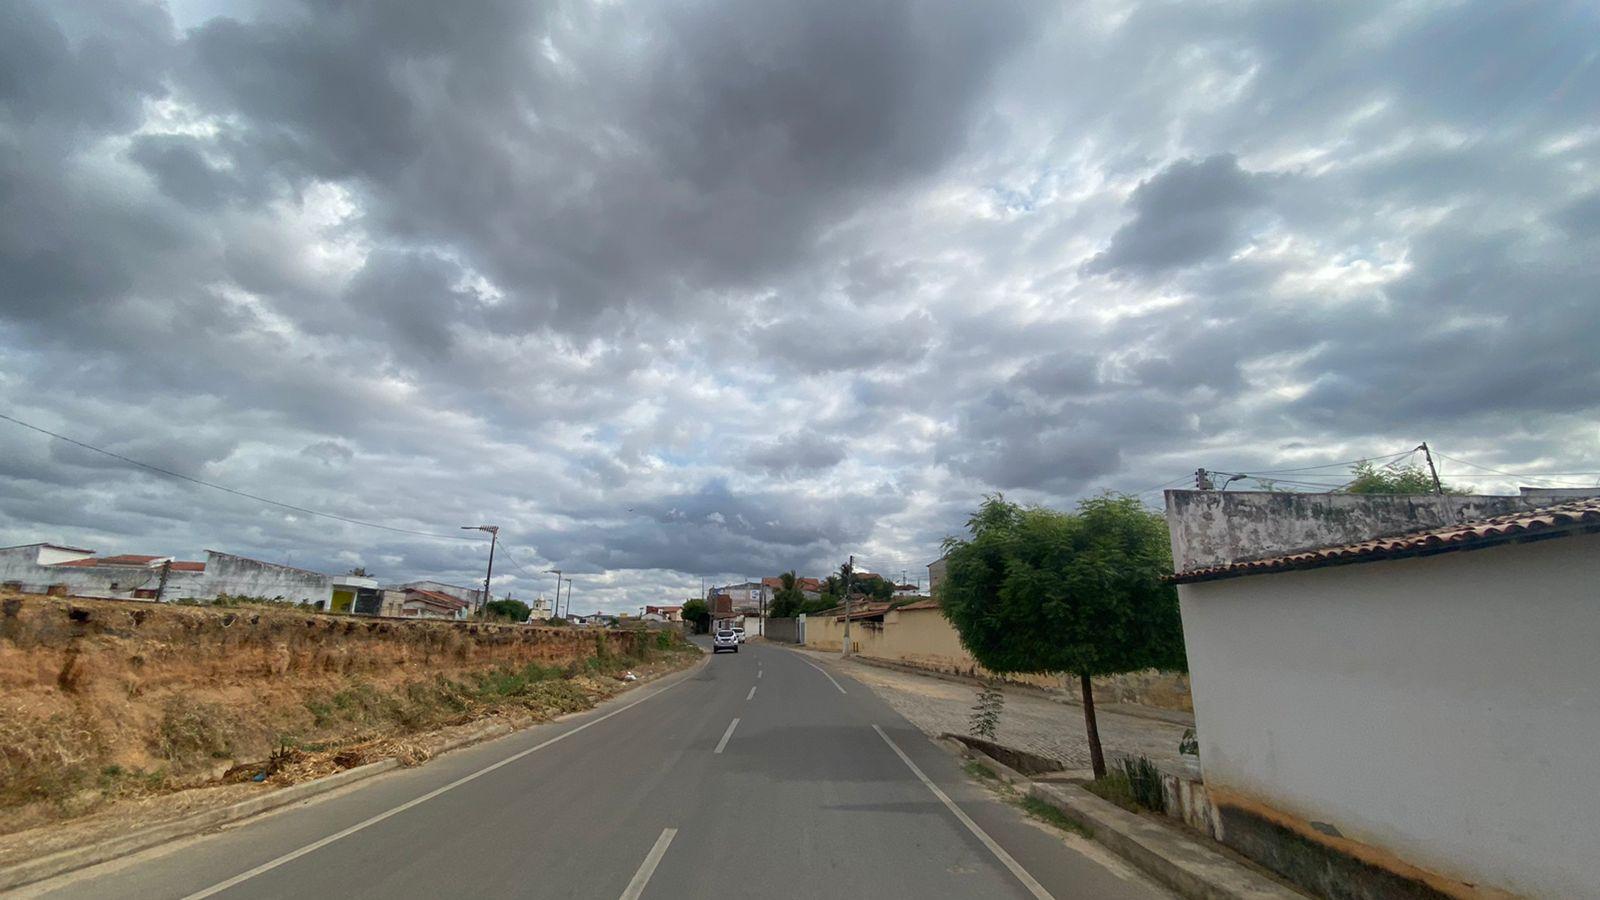 Sul do Estado do Ceará está entre as áreas com possibilidade de chuva (FOTO: Marciel Bezerra)